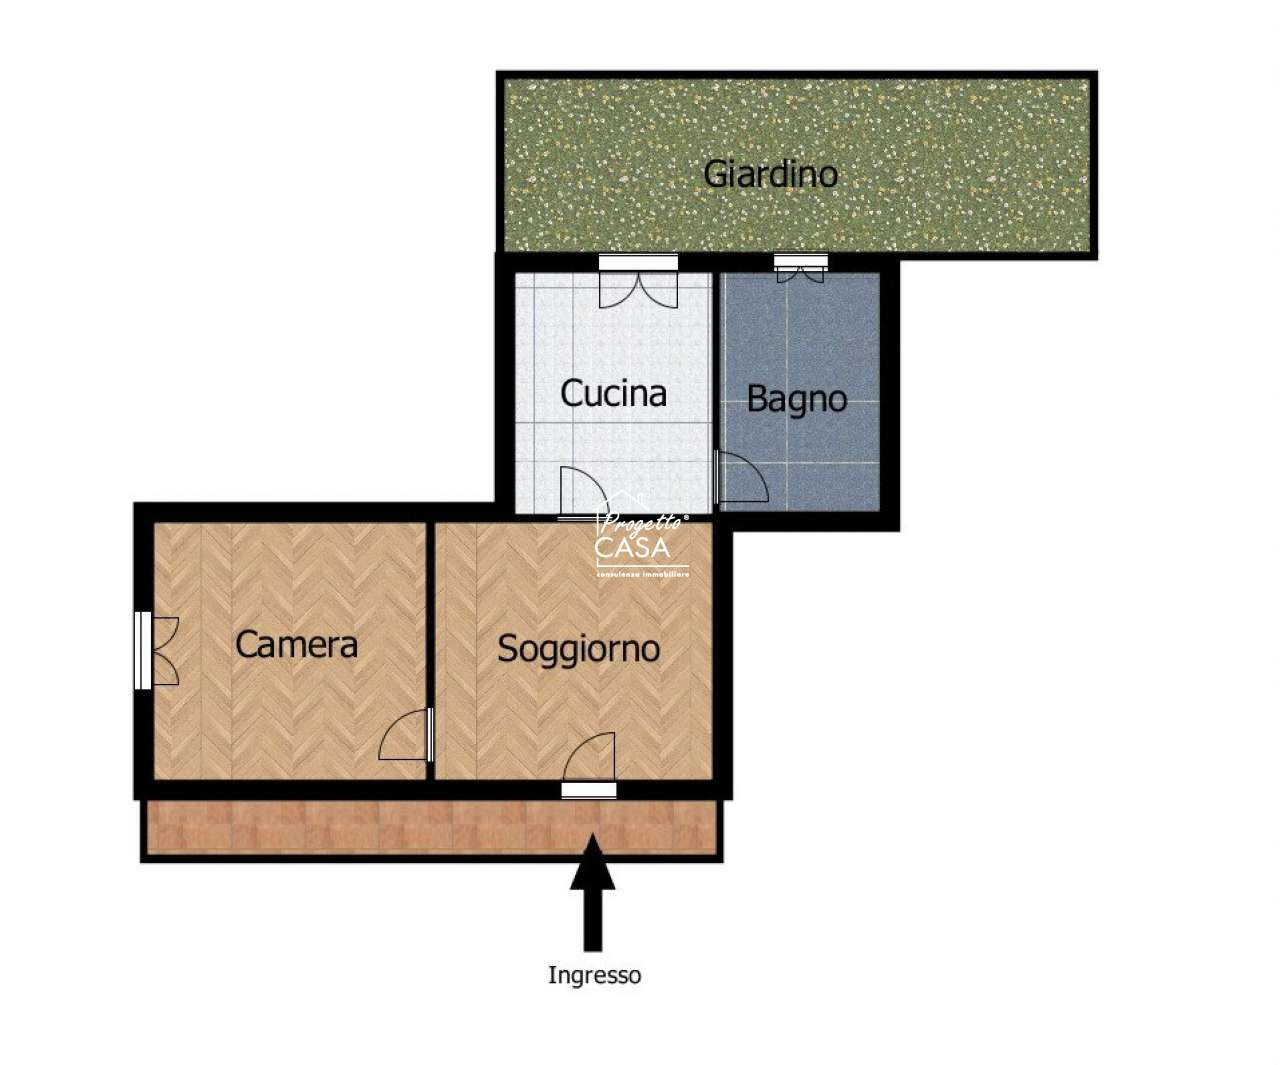 Appartamento in vendita a San Giorgio a Cremano, 2 locali, prezzo € 68.000 | PortaleAgenzieImmobiliari.it